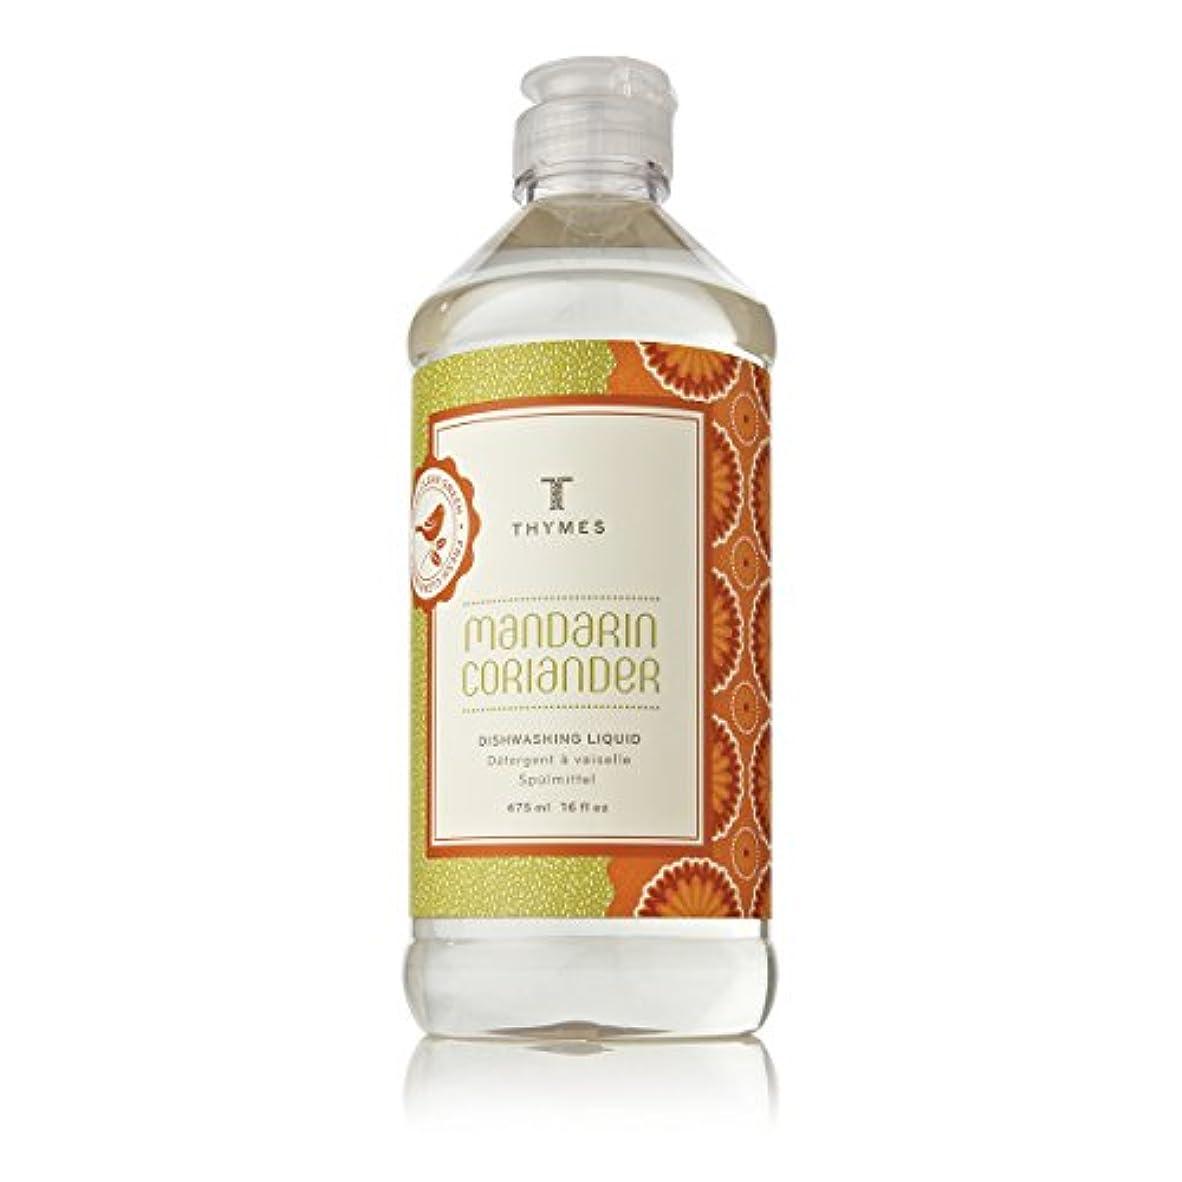 深くフィクション不名誉Thymes Mandarin Coriander Dishwashing Liquid - Oz. Natural Body Hand 0510720100 by Thymes [並行輸入品]